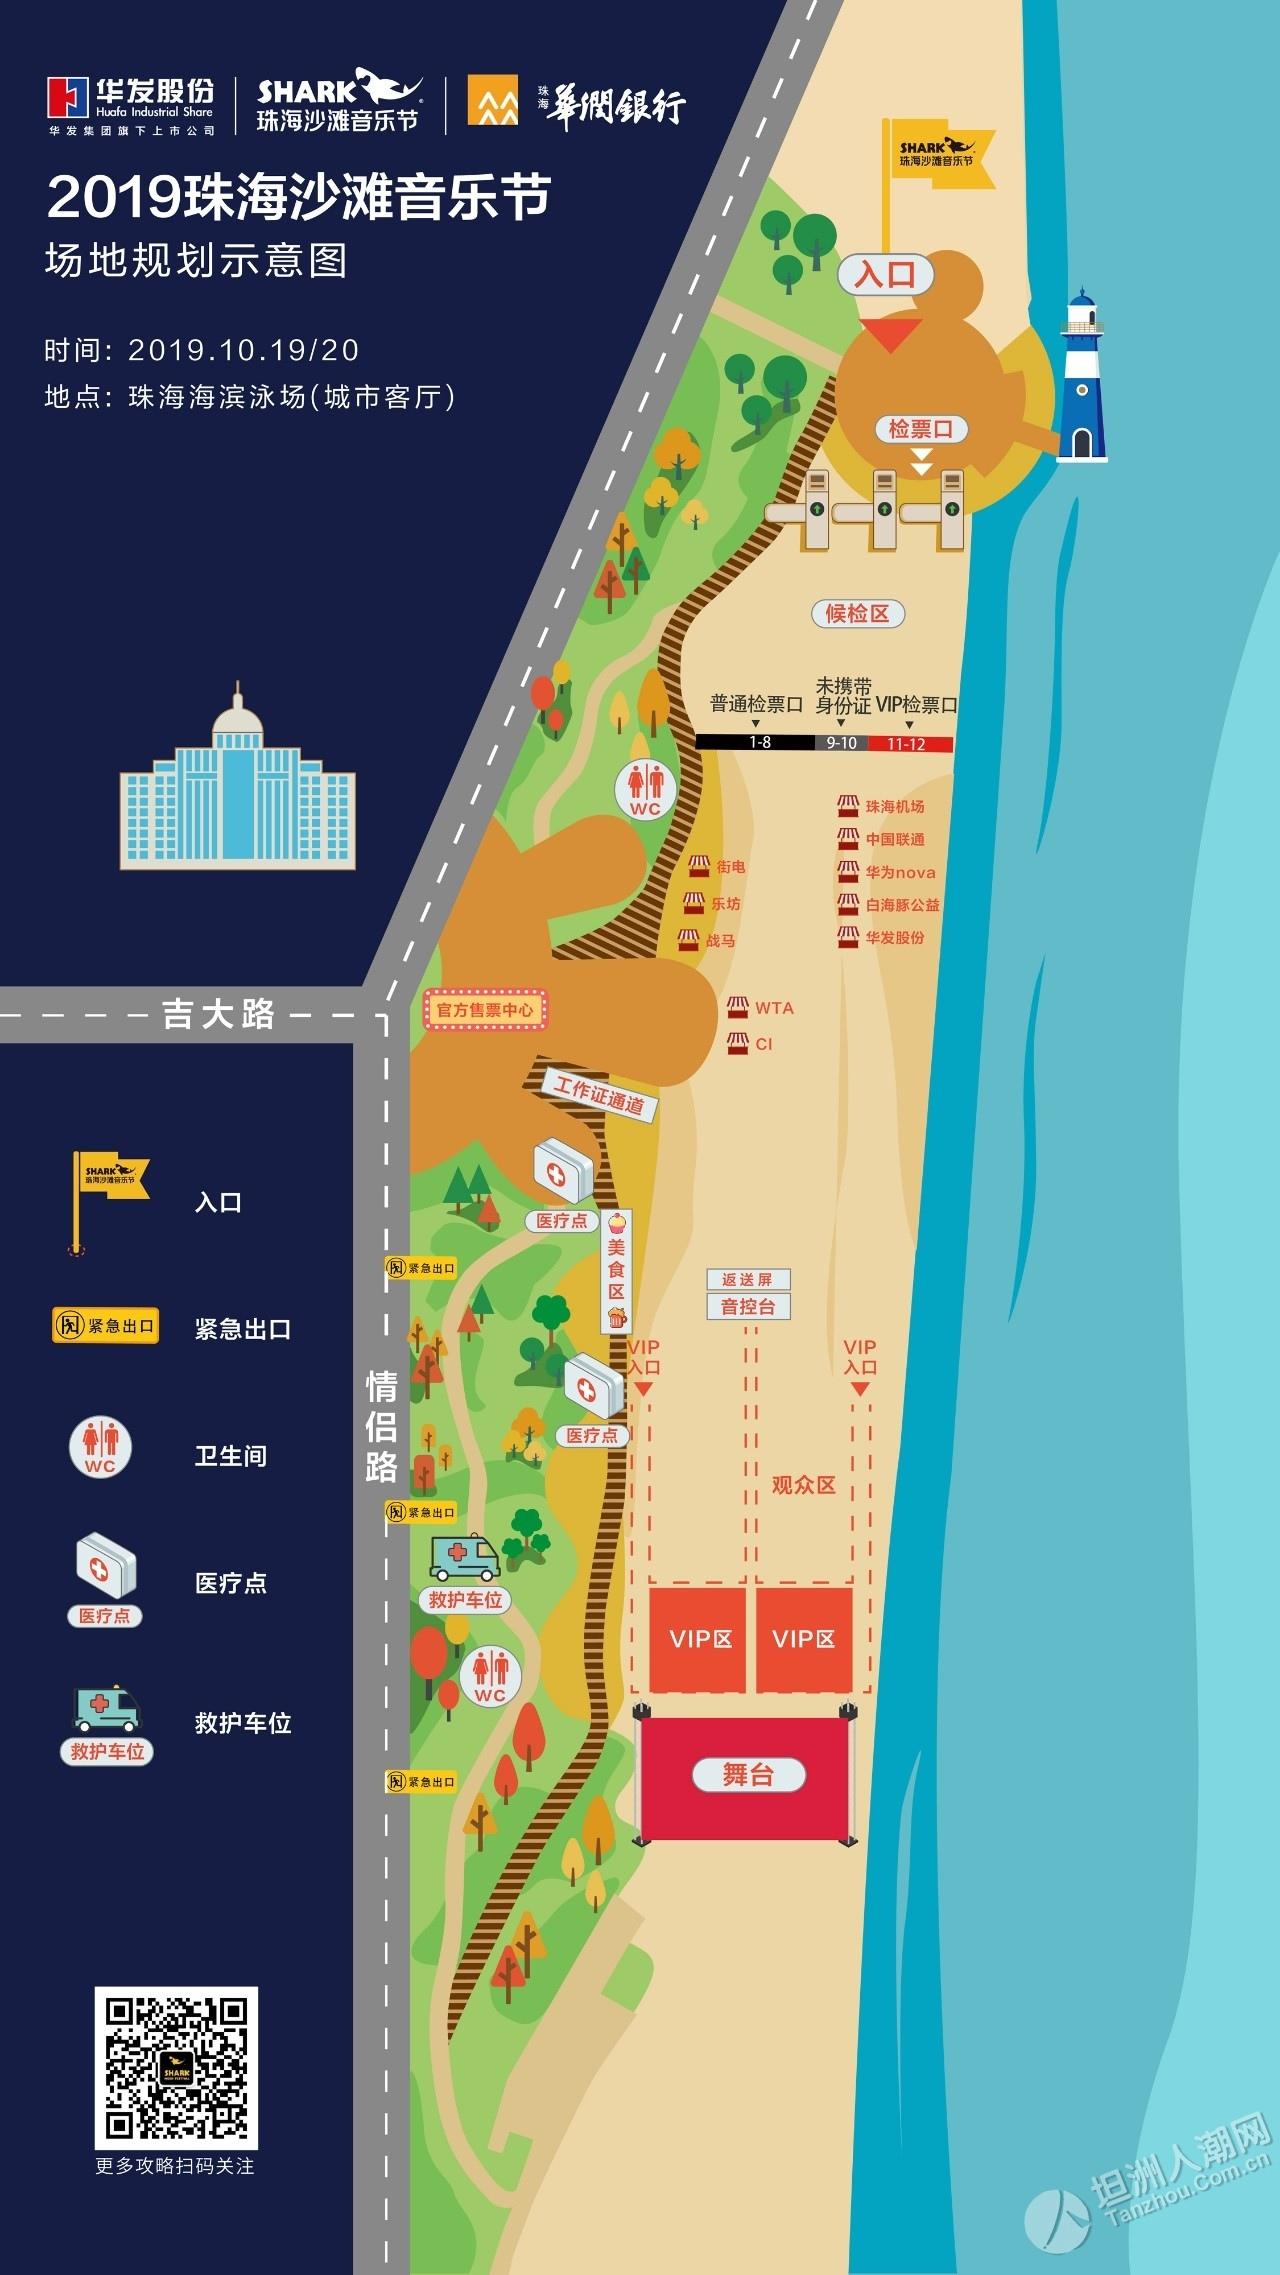 明天要去珠海沙滩音乐节的坦洲网友看这里!避开车流